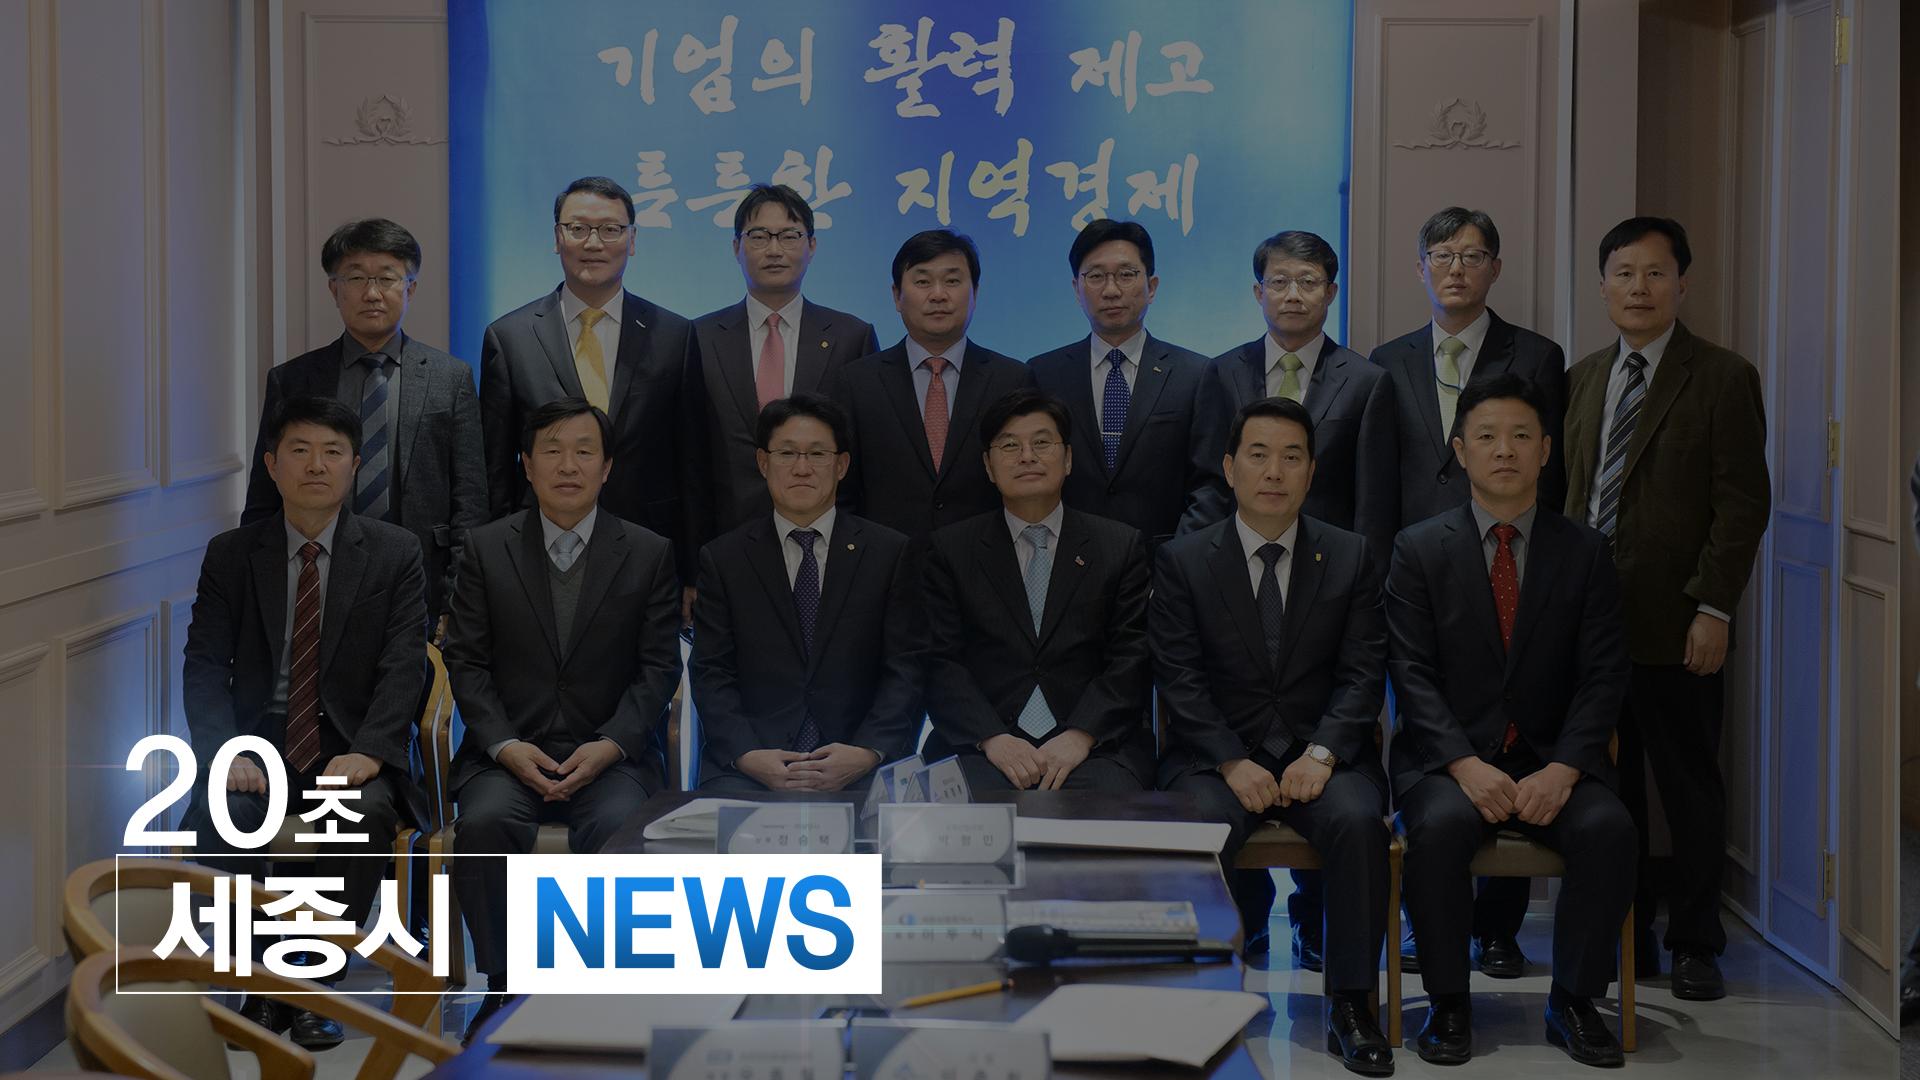 <20초뉴스> 한화에너지 등 대기업 10곳 대표 초청 간담회